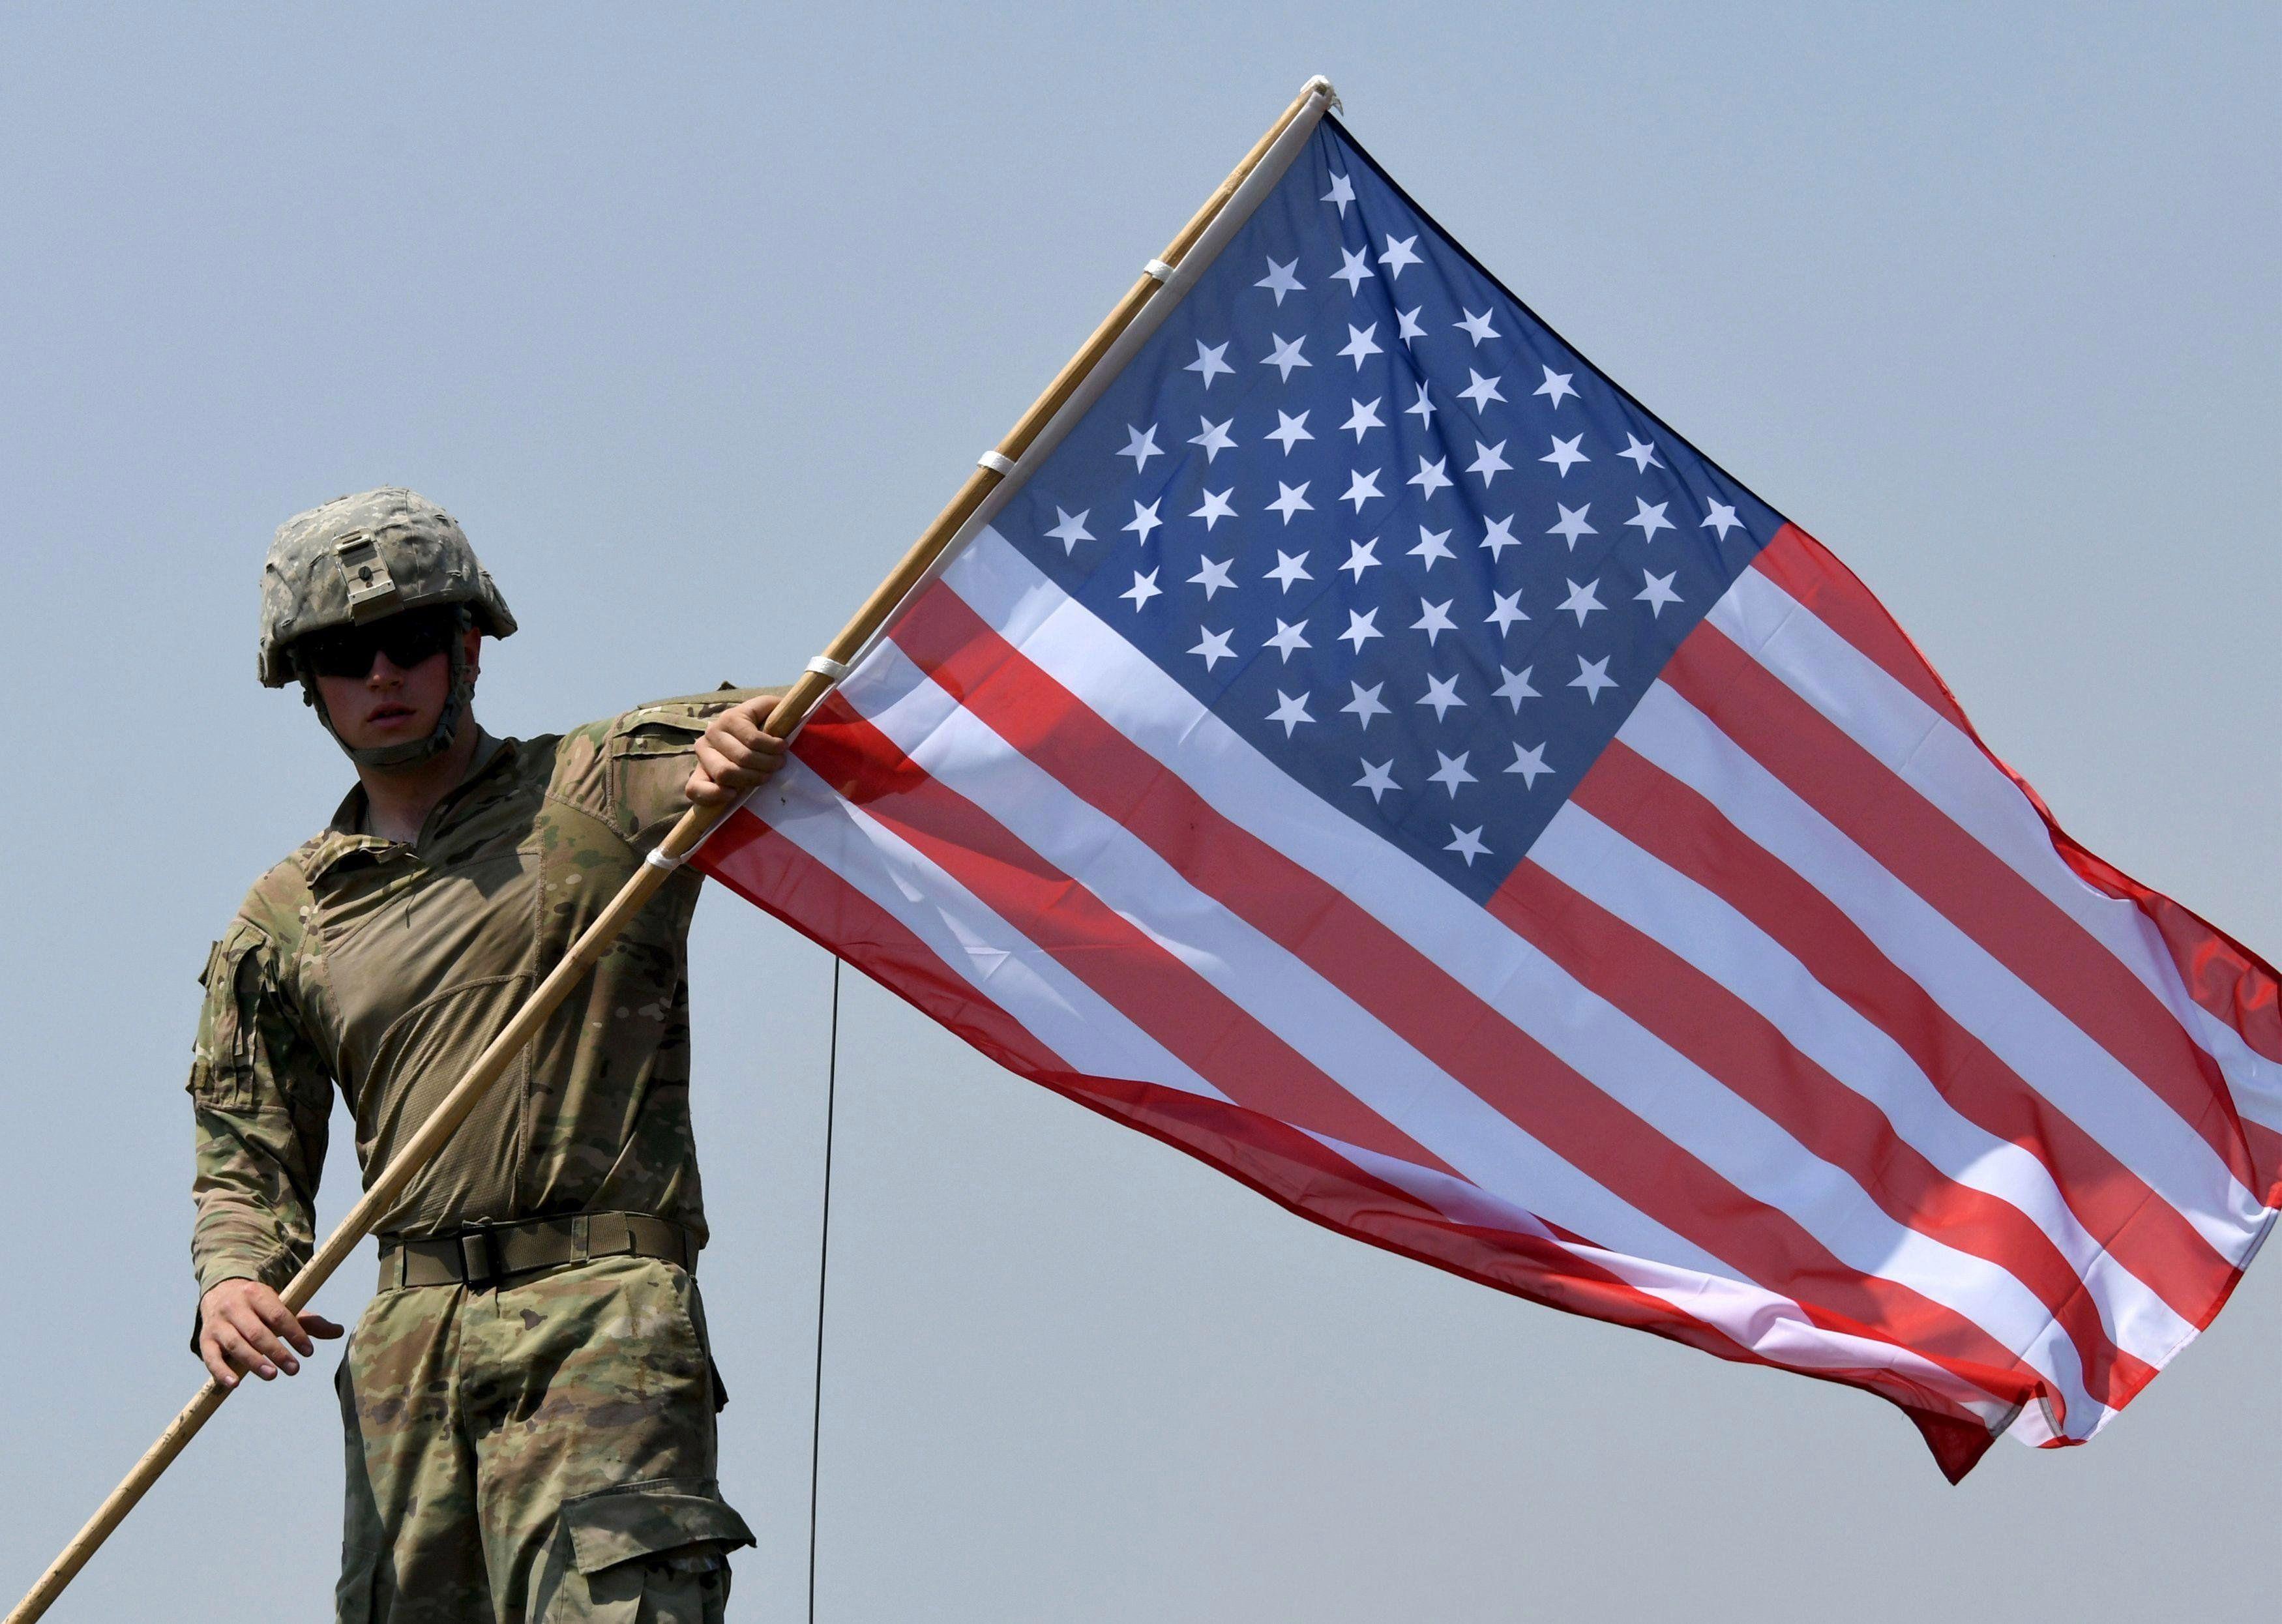 Пентагон назвал отсутствие мировых войн напротяжении многих лет заслугой США